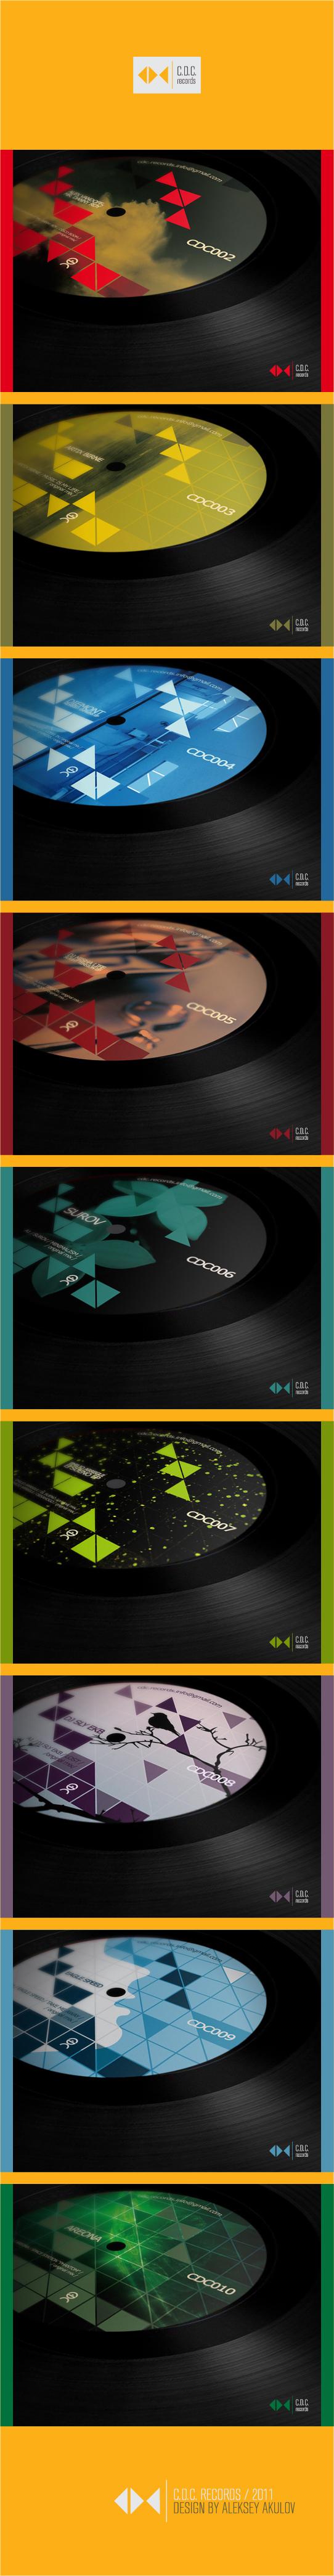 """Дизайн обложки (COVER), для релизов лейбла """"CDC"""" records"""